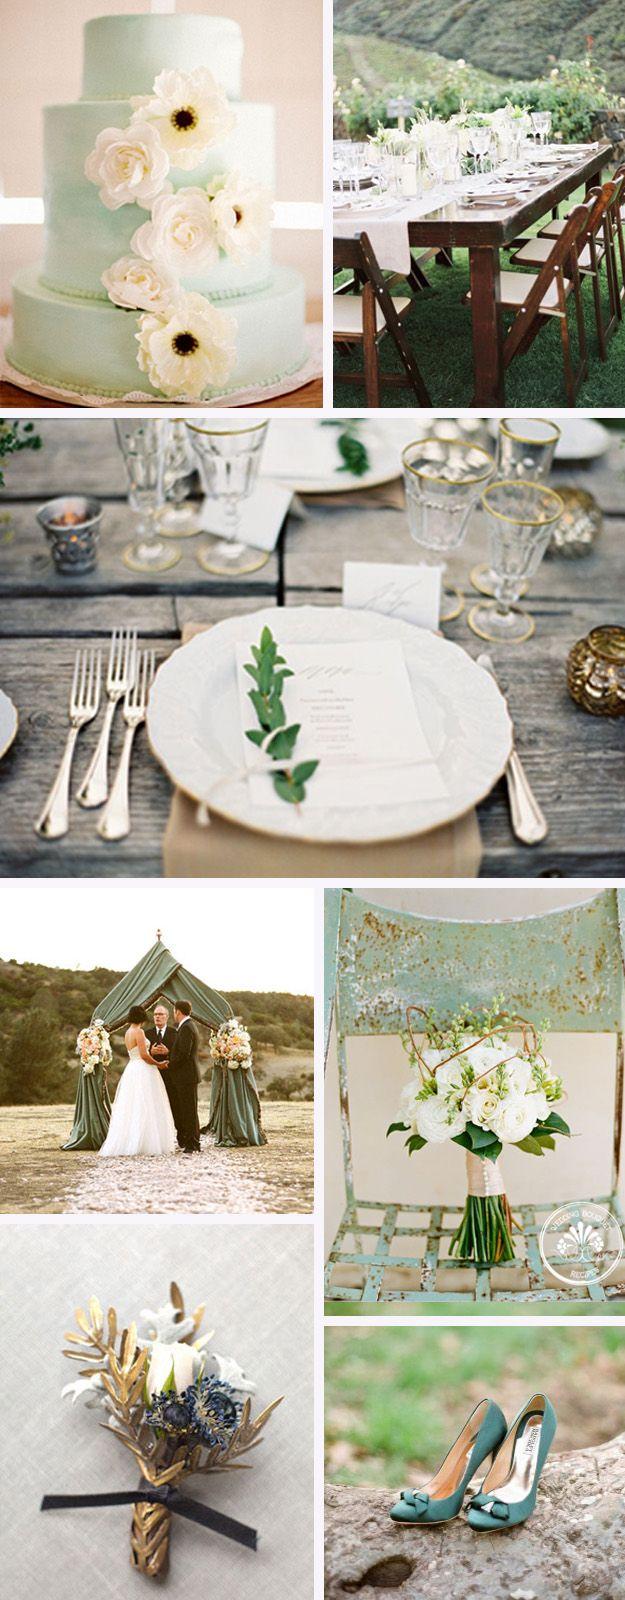 Idées de décoration de mariage Pinterest